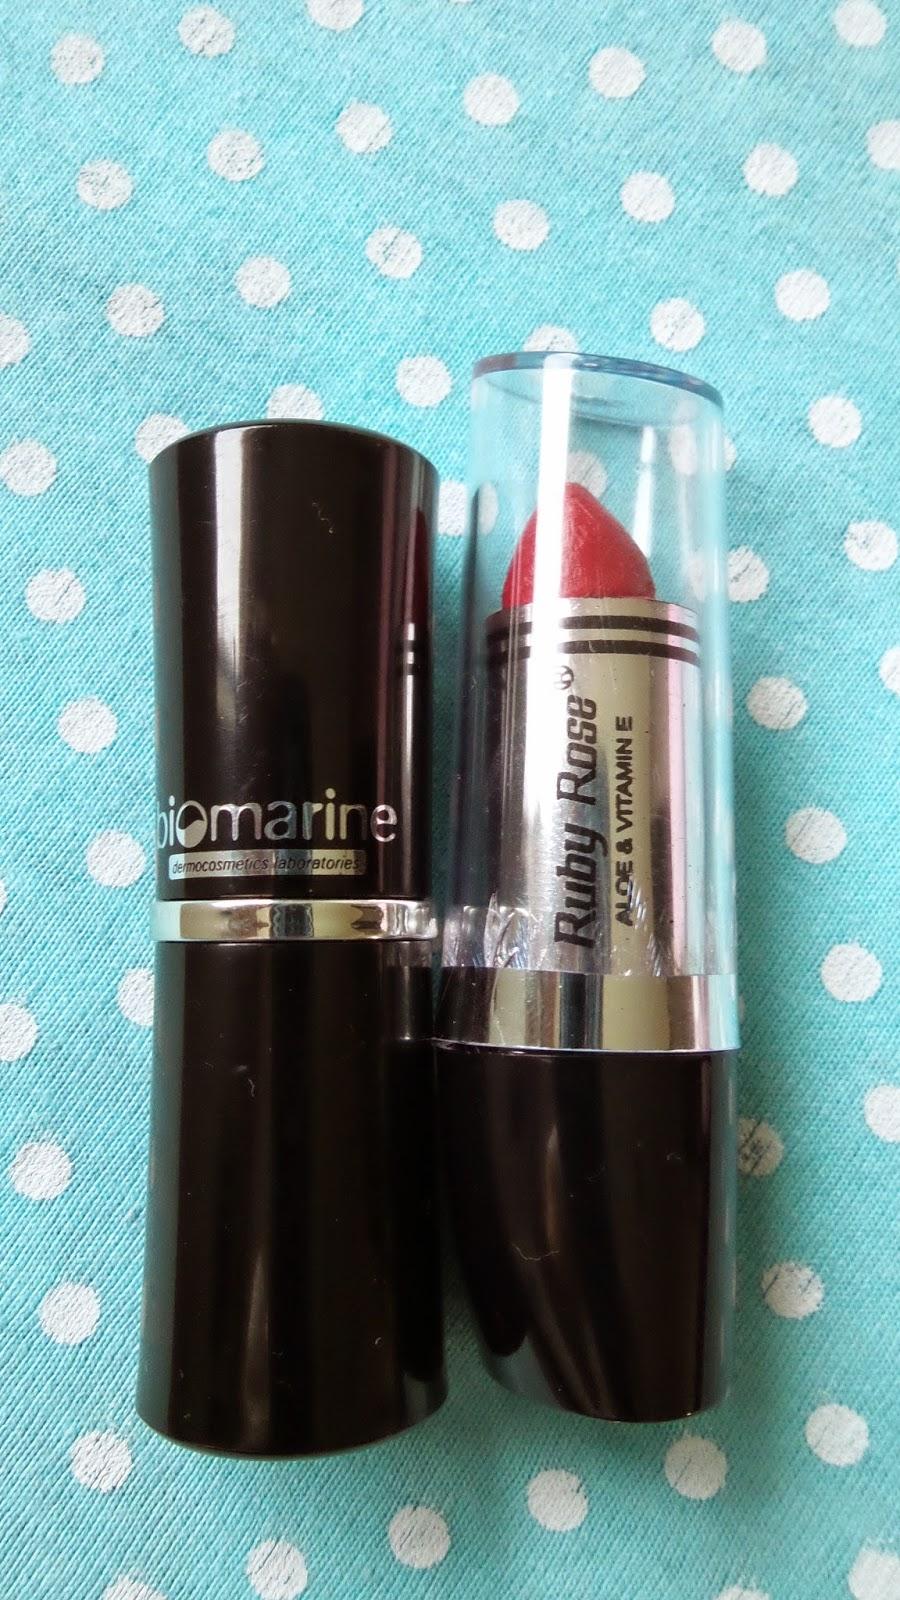 Batom Biomarine & Batom Ruby Rose